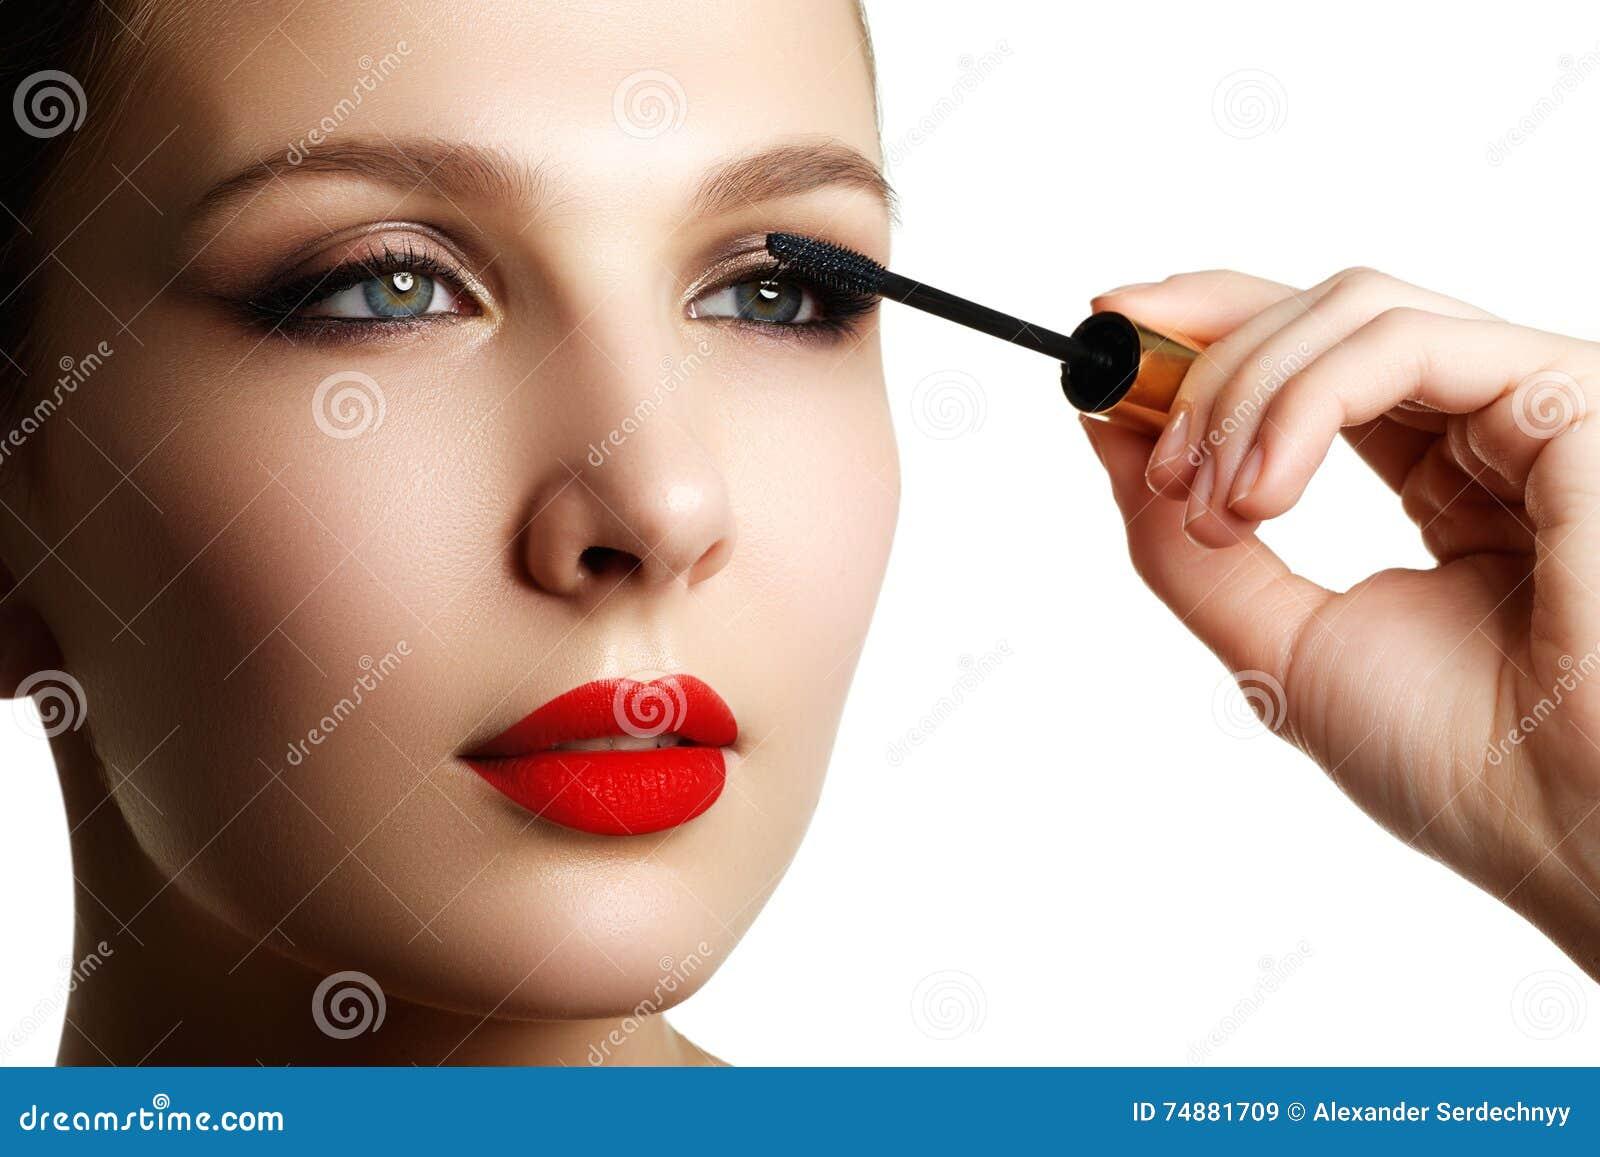 Mascara som applicerar closeupen, långa snärtar Högkvalitativ bild ögonfranser